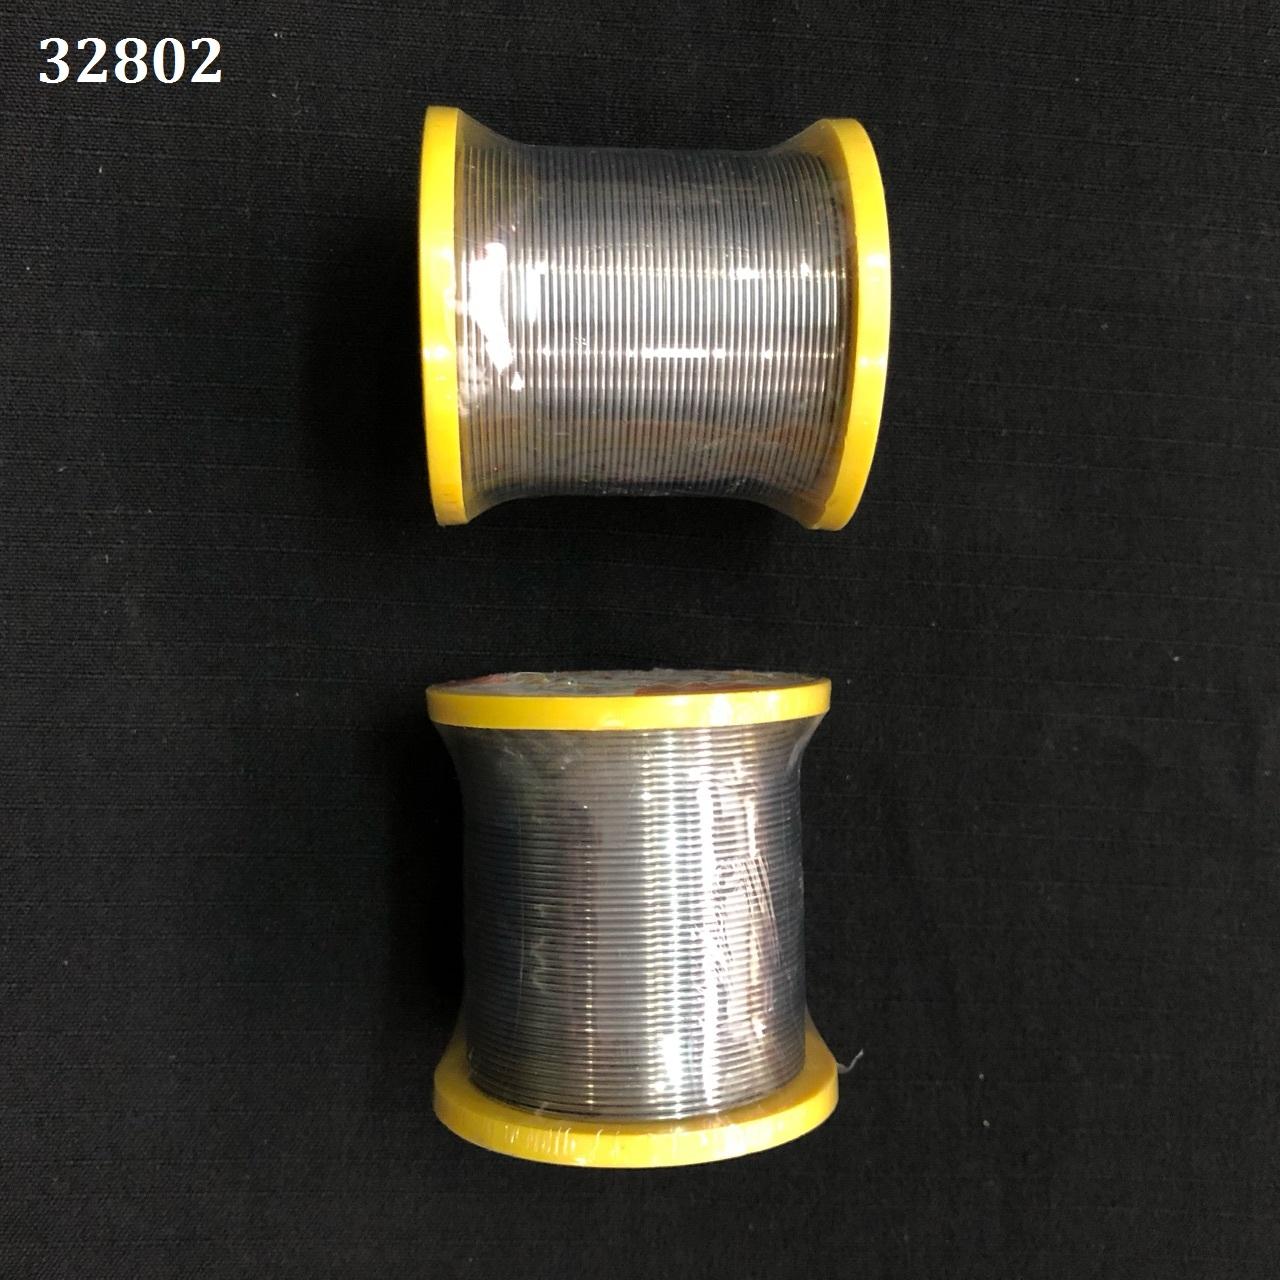 Thiếc hàn điện tử Rosachi 0.9mm  KP6 KIMPHAT